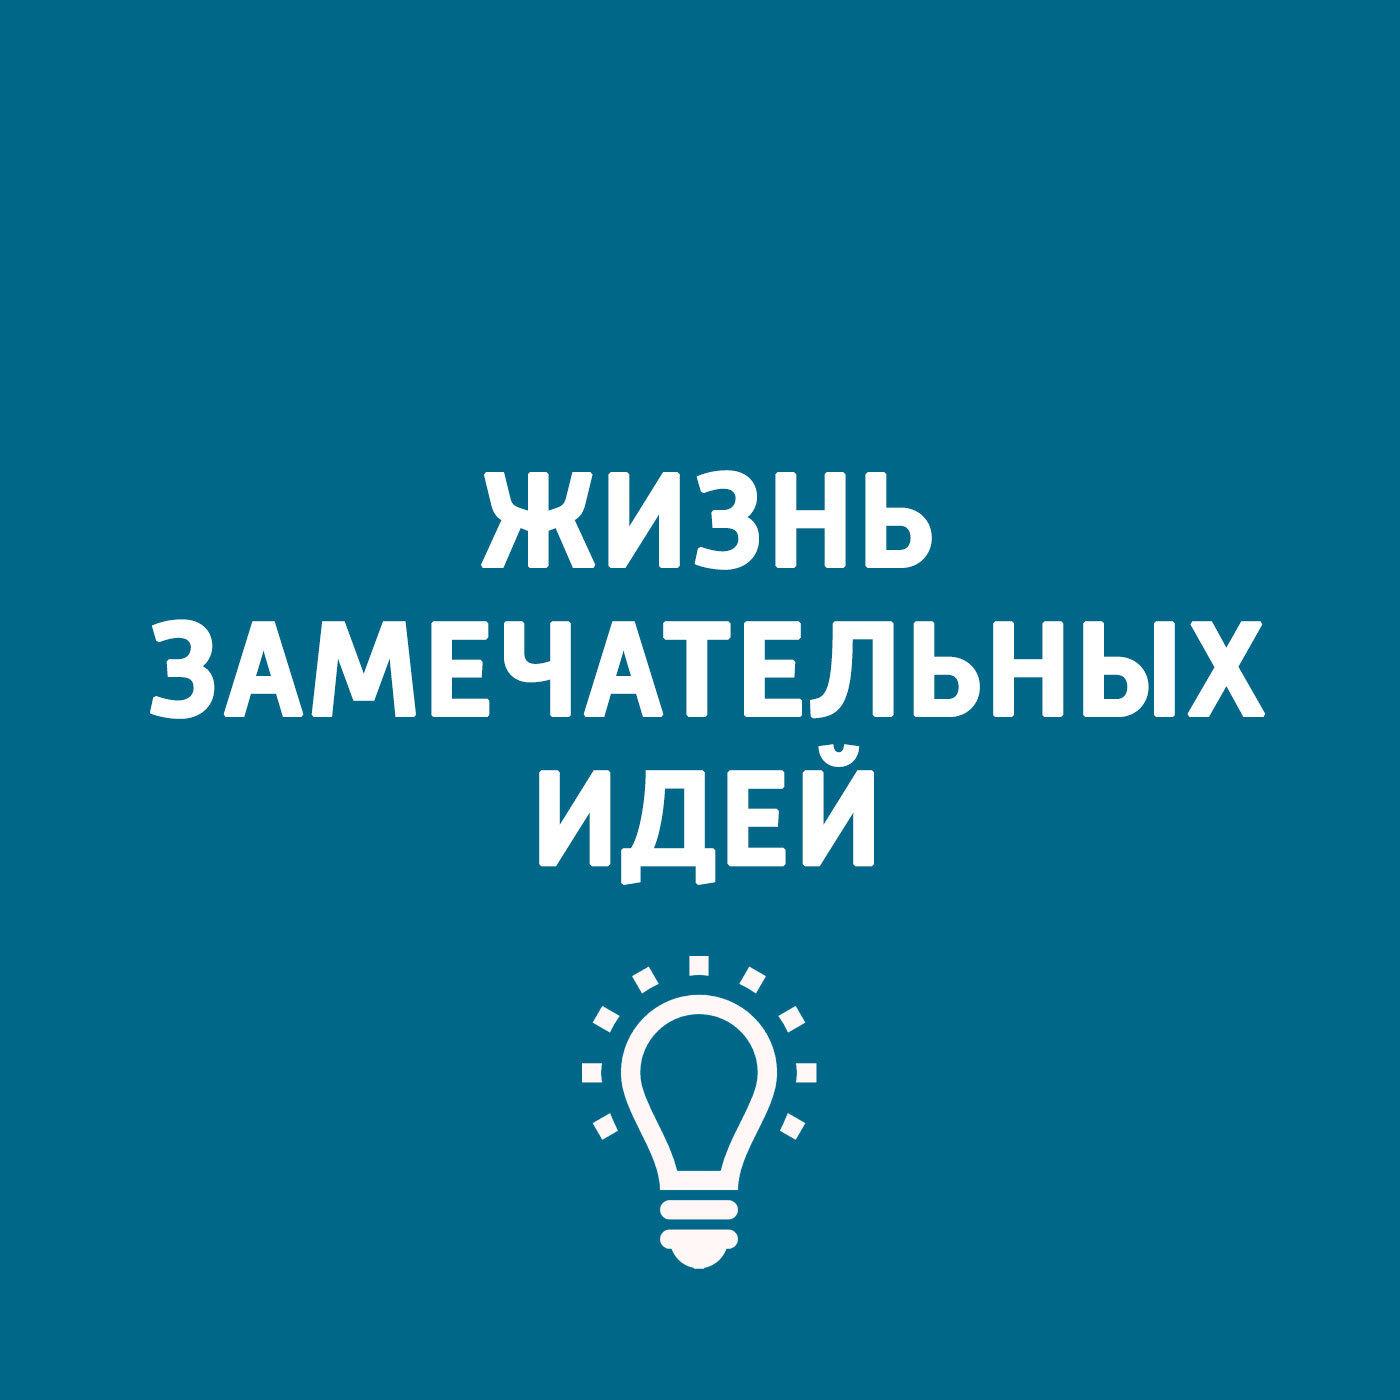 Творческий коллектив программы «Хочу всё знать» Развитие железных дорог и вокзалов Москвы. Часть 2